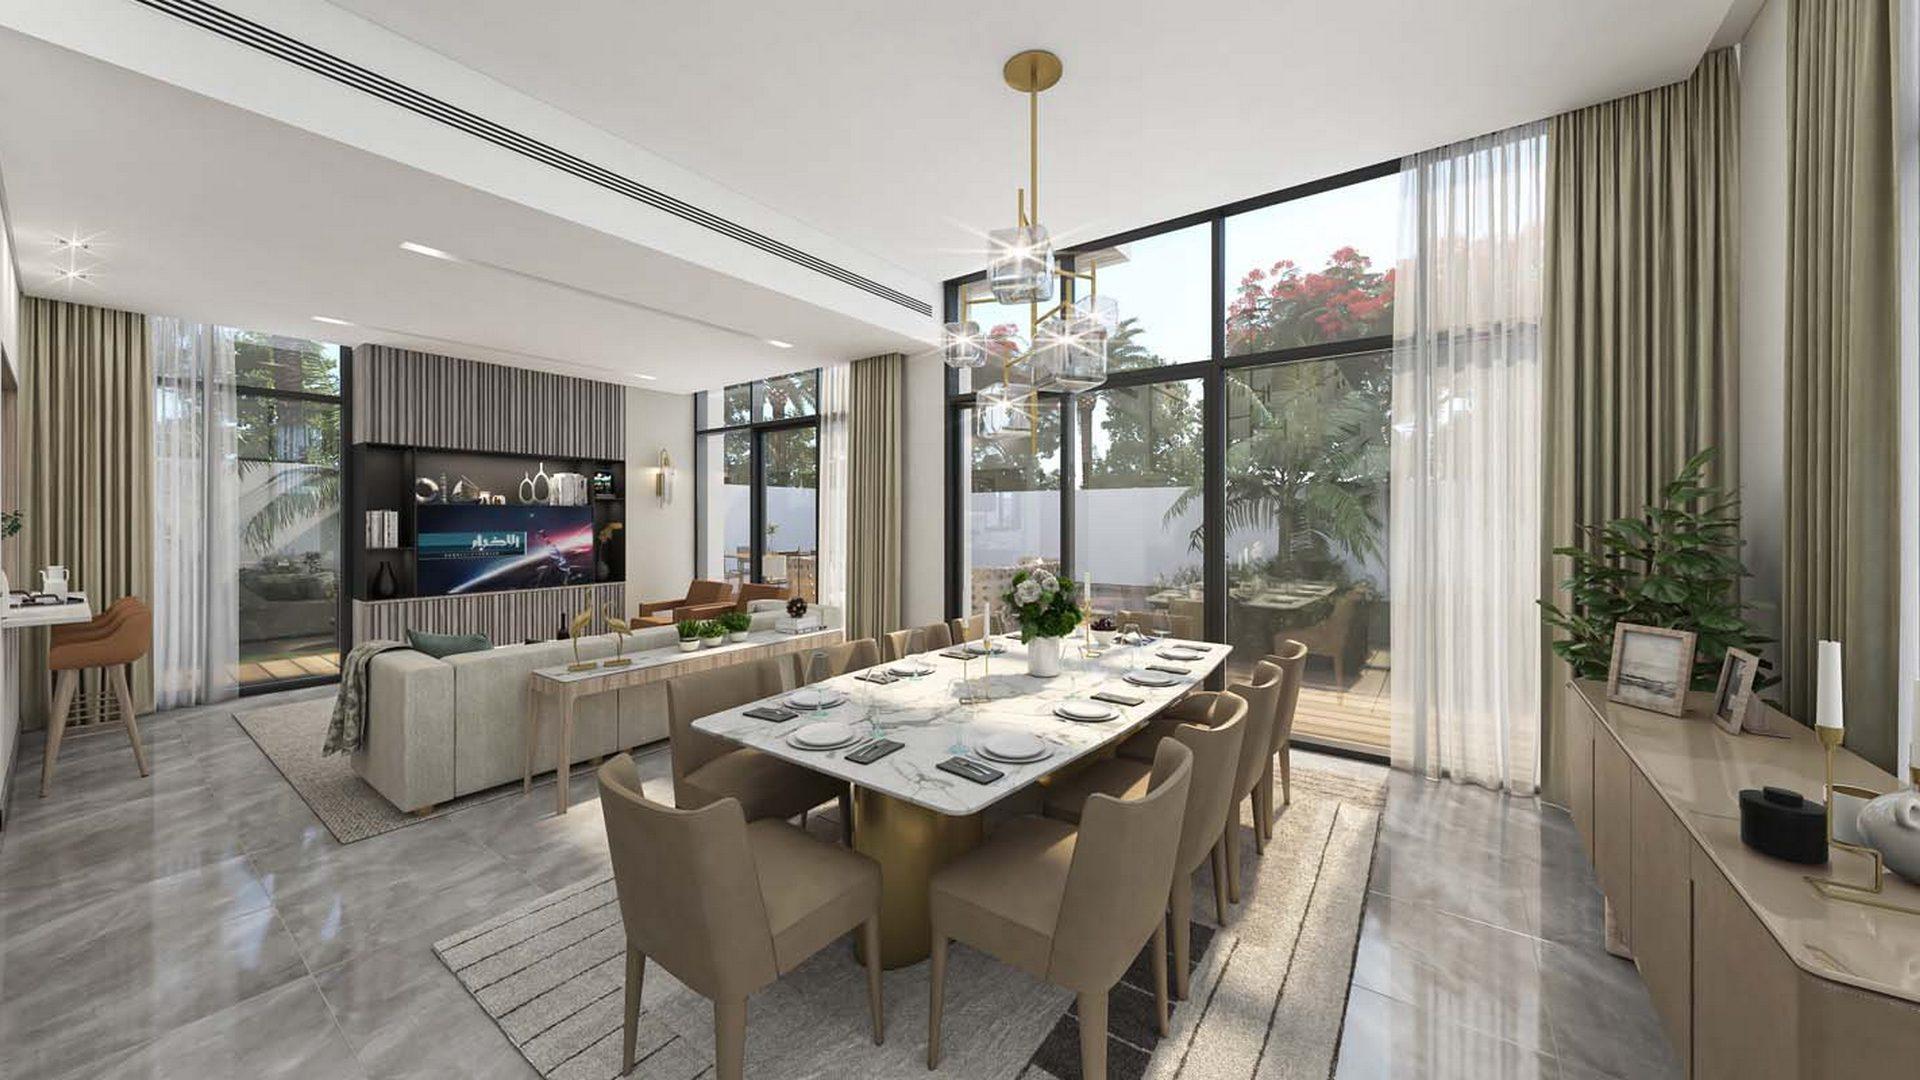 Adosado en venta en Dubai, EAU, 4 dormitorios, 457 m2, № 24532 – foto 6